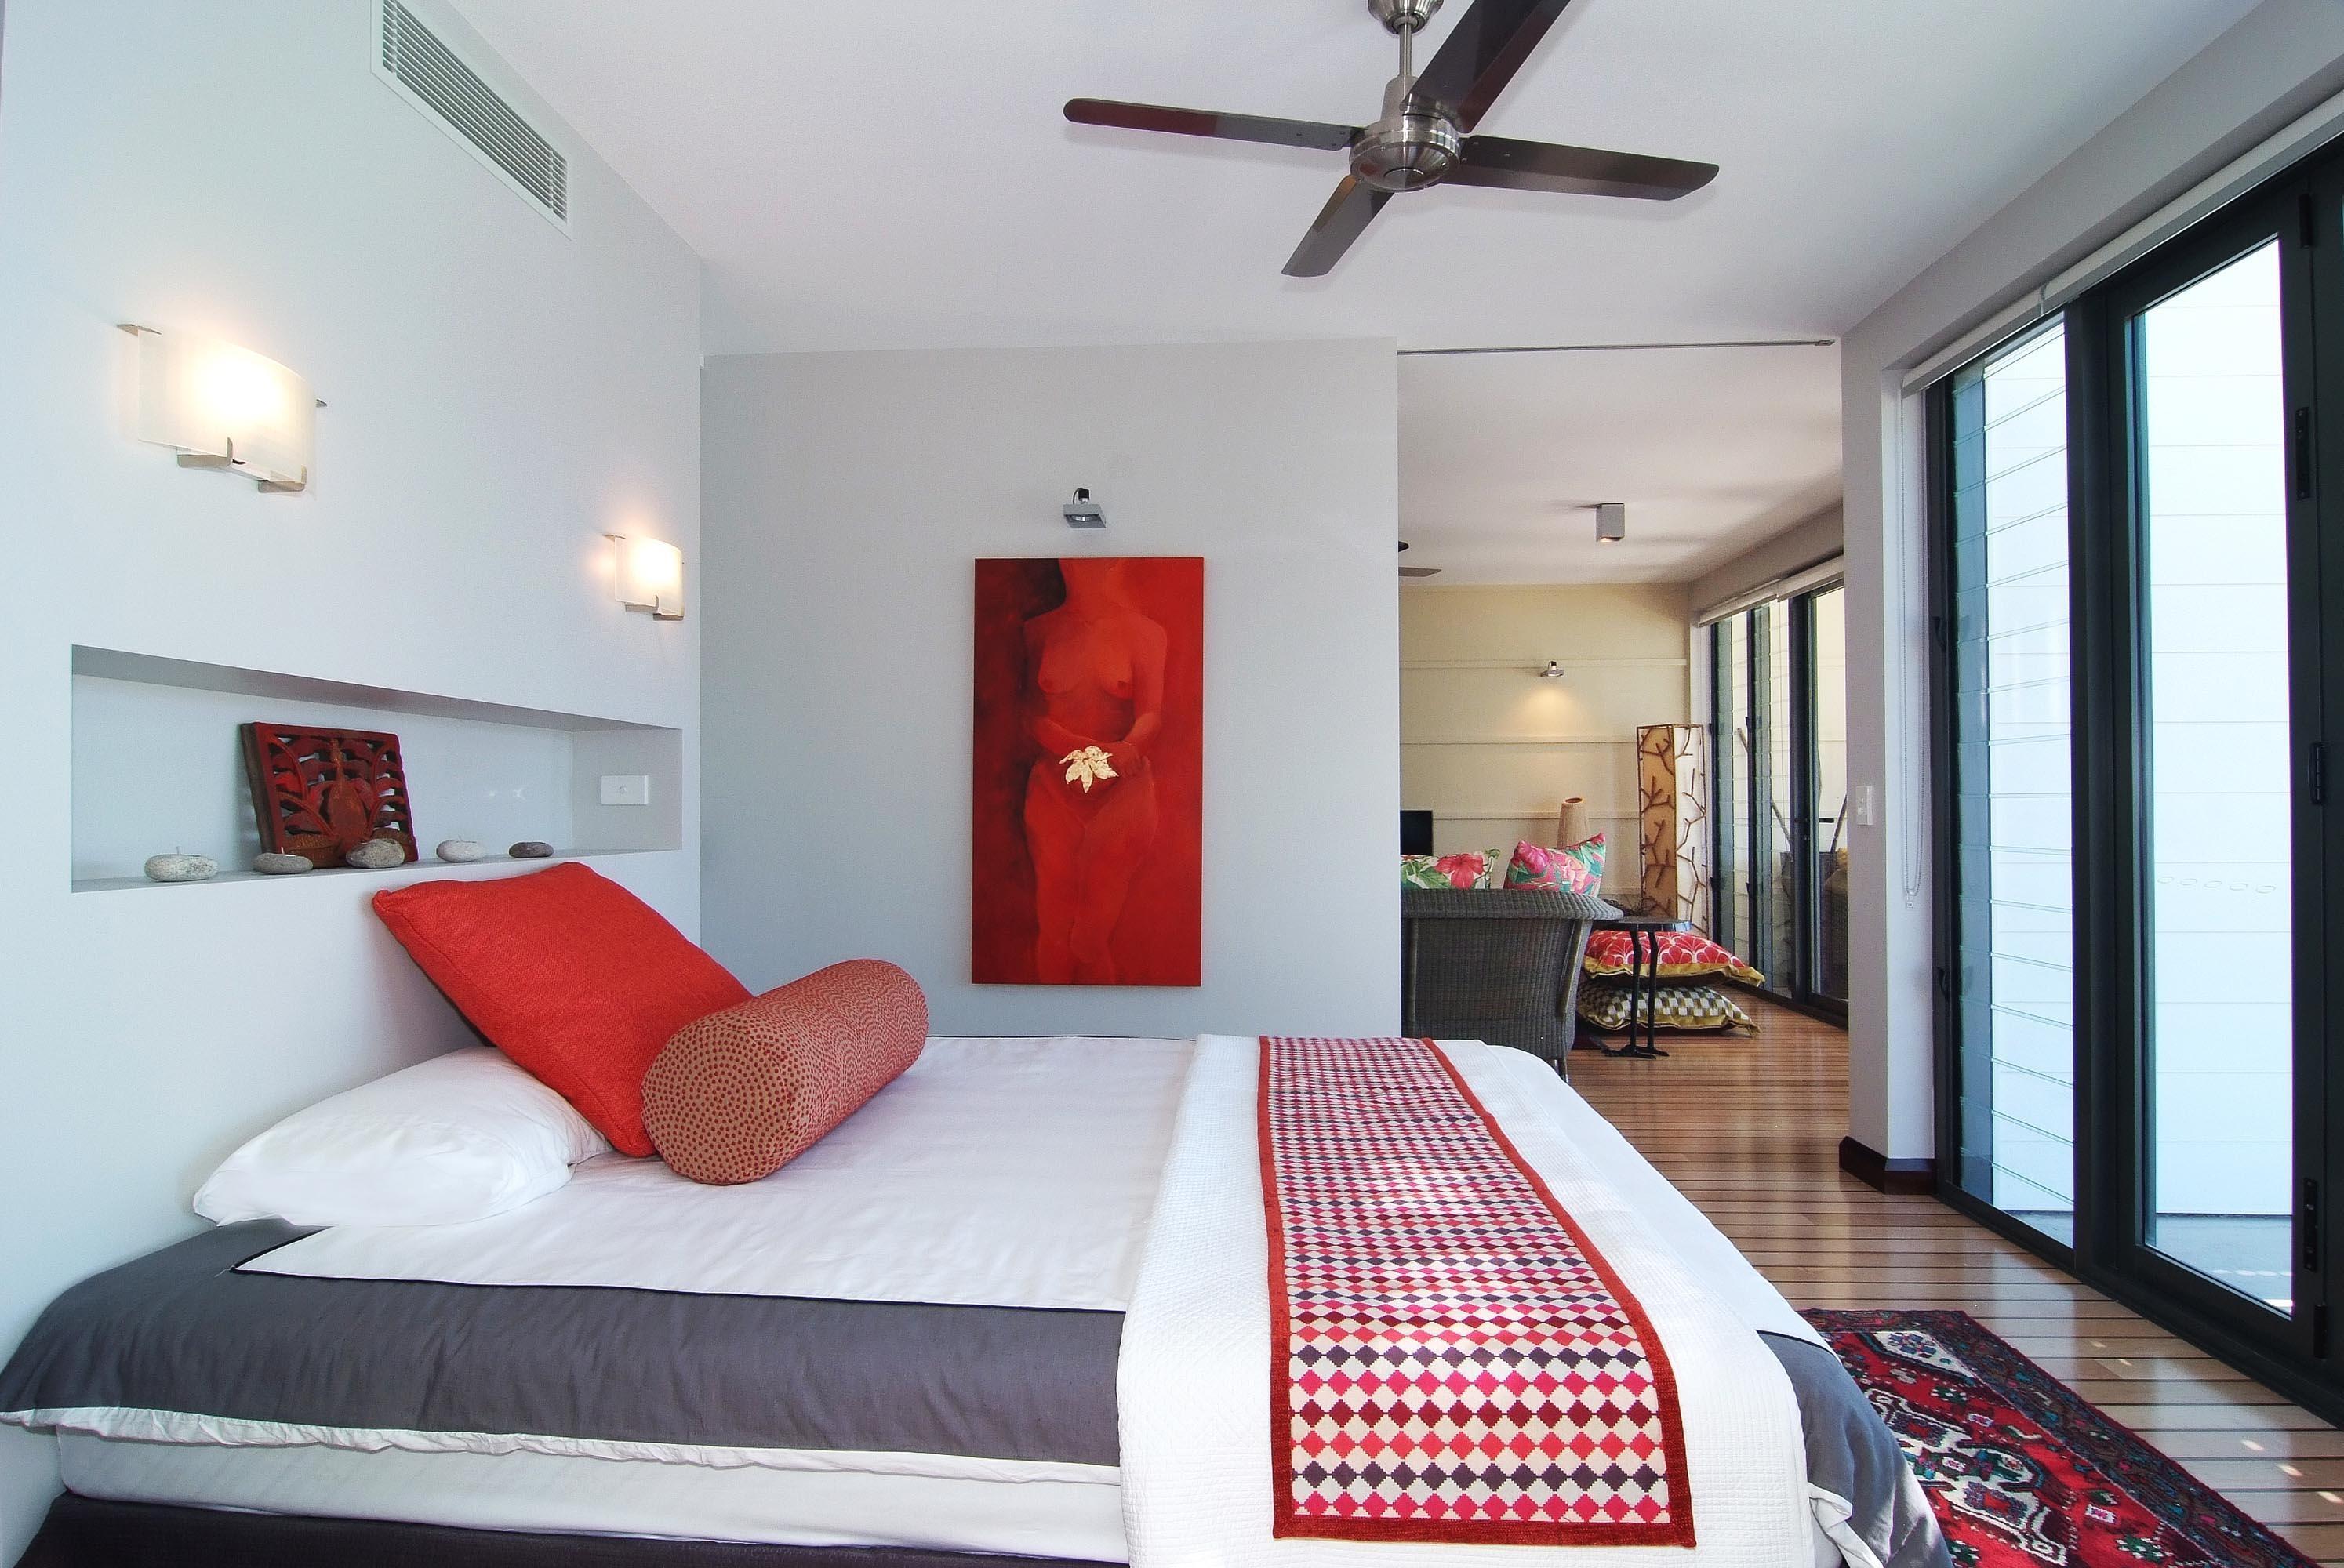 boathouse apartments4